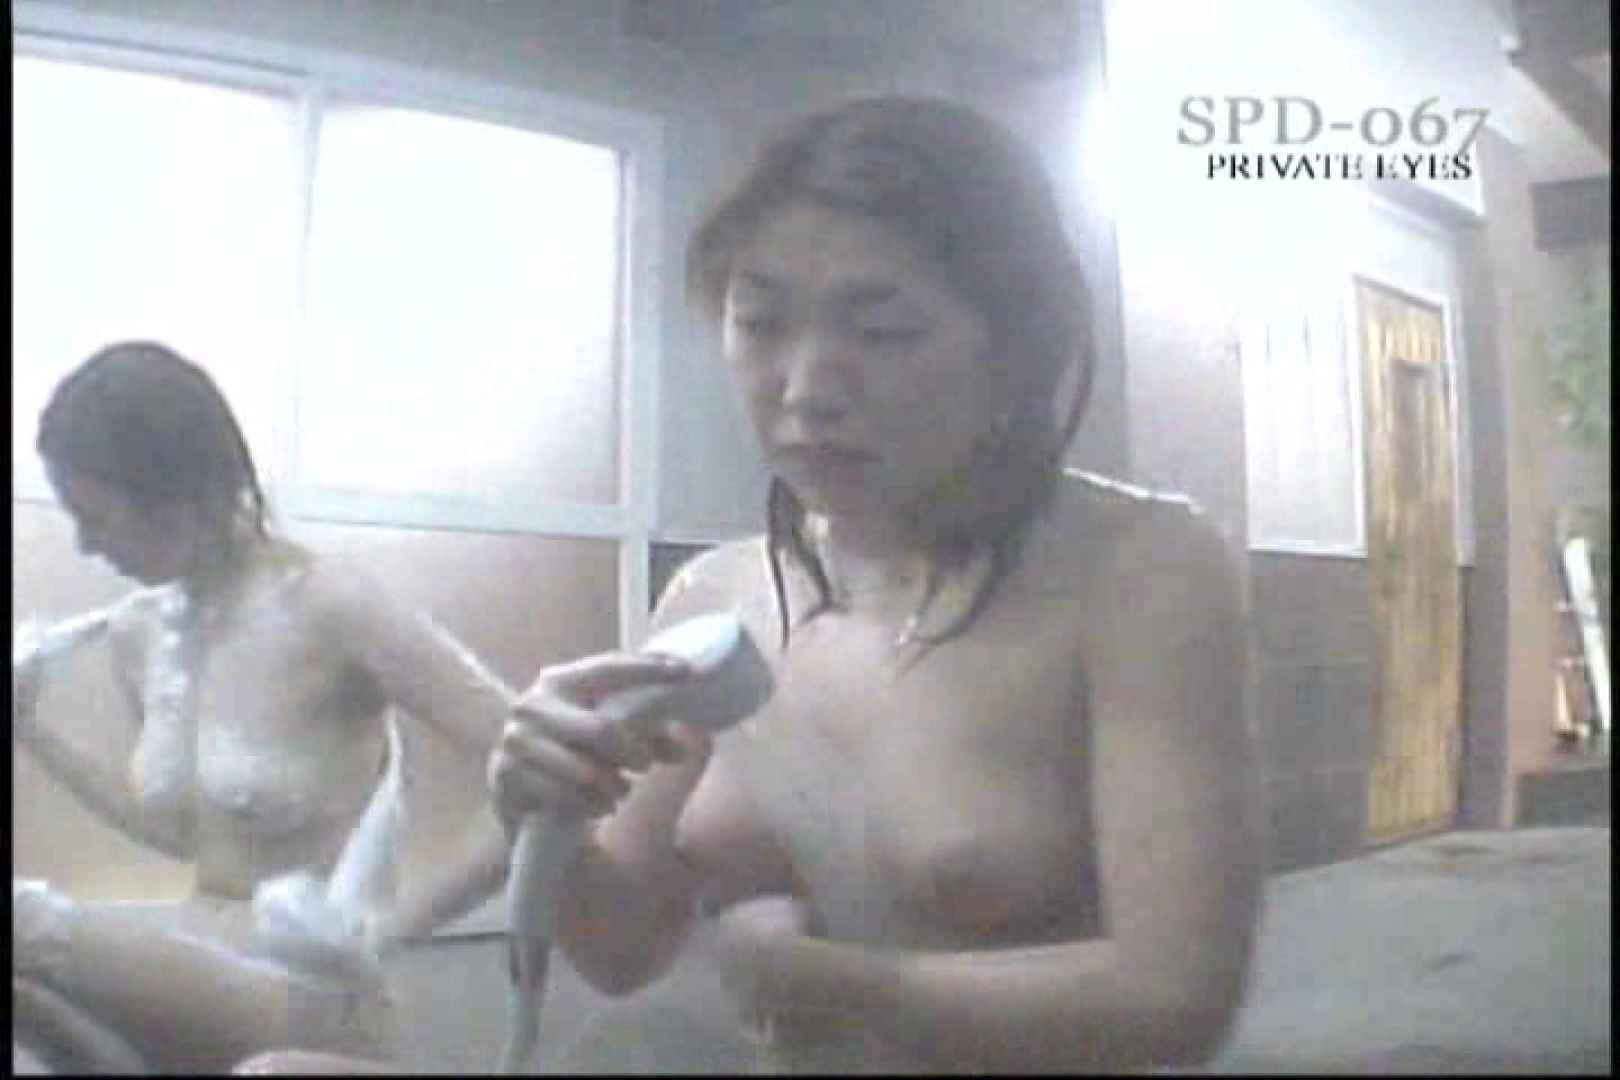 高画質版!SPD-067 脱衣所から洗面所まで 脱衣所で着替え   高画質  86PIX 56